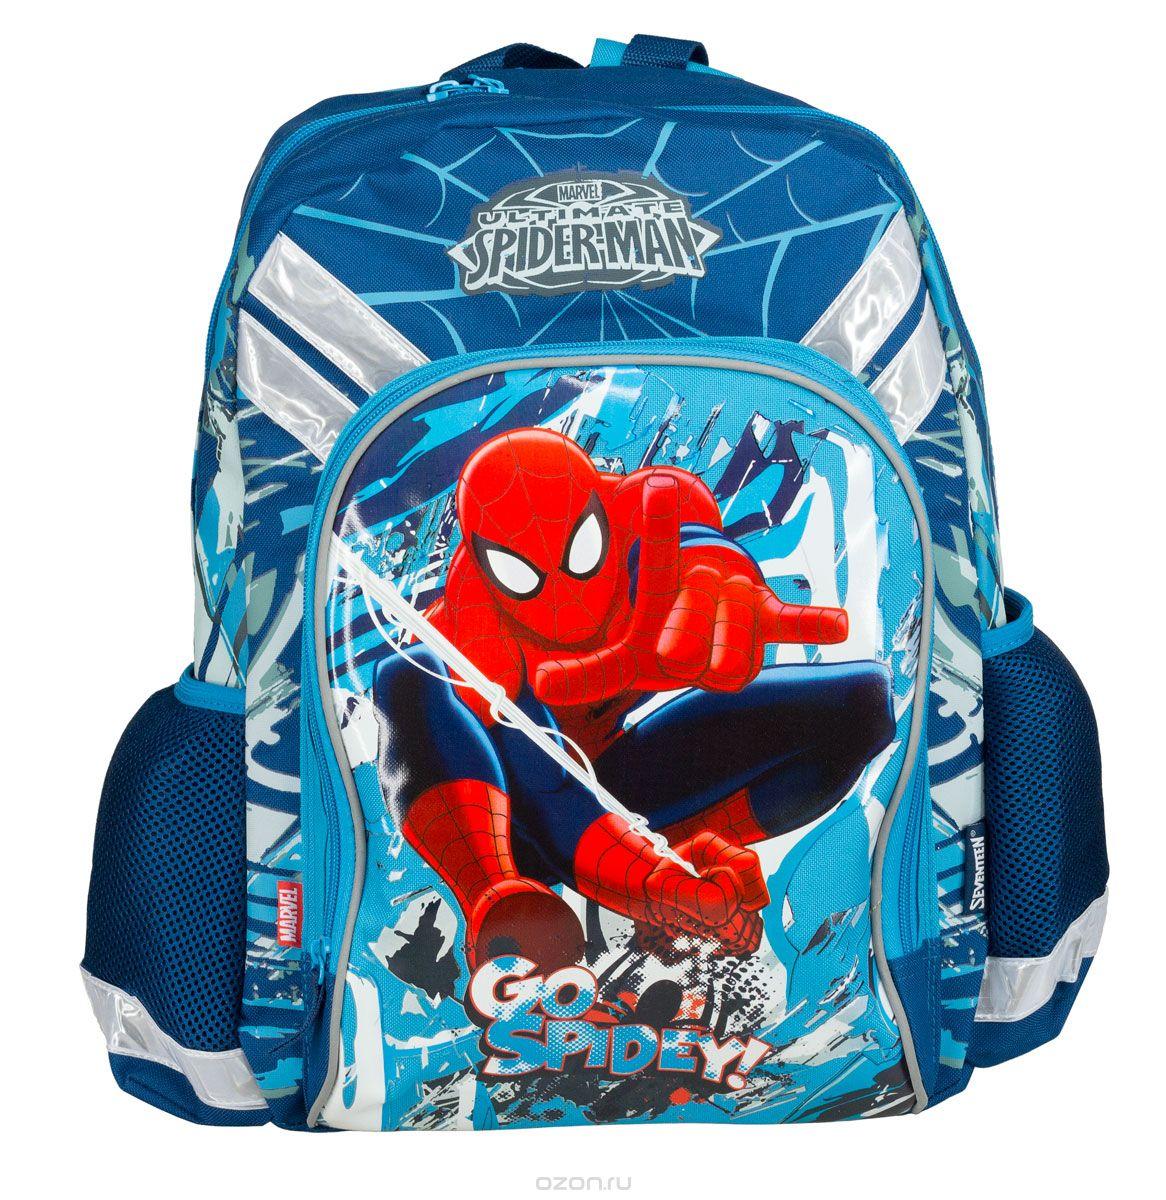 Рюкзак школьный Kinderline Spider-man Classic, цвет: синий, красный, белый. SMCB-MT1-988MSMCB-MT1-988MРюкзак школьный Kinderline Spider-man Classic выполнен из износоустойчивых материалов с водонепроницаемой основой, декорирован яркой аппликацией. Рюкзак имеет одно основное отделение, закрывающееся на молнию с двумя бегунками. Внутри отделения расположены два разделителя с утягивающей резинкой для тетрадей и учебников. На лицевой стороне ранца расположен накладной карман на молнии. По бокам ранца размещены два дополнительных накладных открытых кармана. Уплотненная спинка равномерно распределяет нагрузку на плечевые суставы и спину. Удлиненные держатели облегчают фиксацию длины ремней с мягкими подкладками. Ранец оснащен удобной ручкой для переноски и двумя широкими лямками, регулируемой длины. Многофункциональный школьный ранец станет незаменимым спутником вашего ребенка в походах за знаниями.